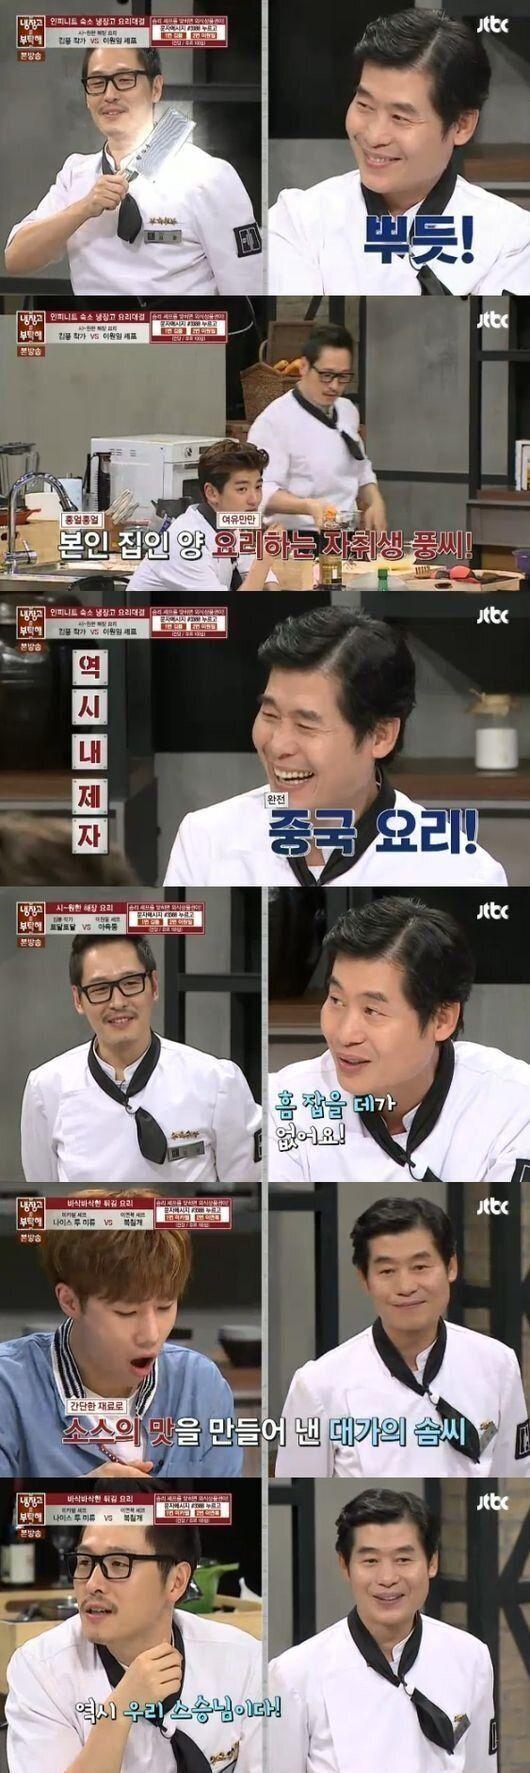 [TV어게인] '냉장고' 이연복·김풍, 극한상황에 더 강한